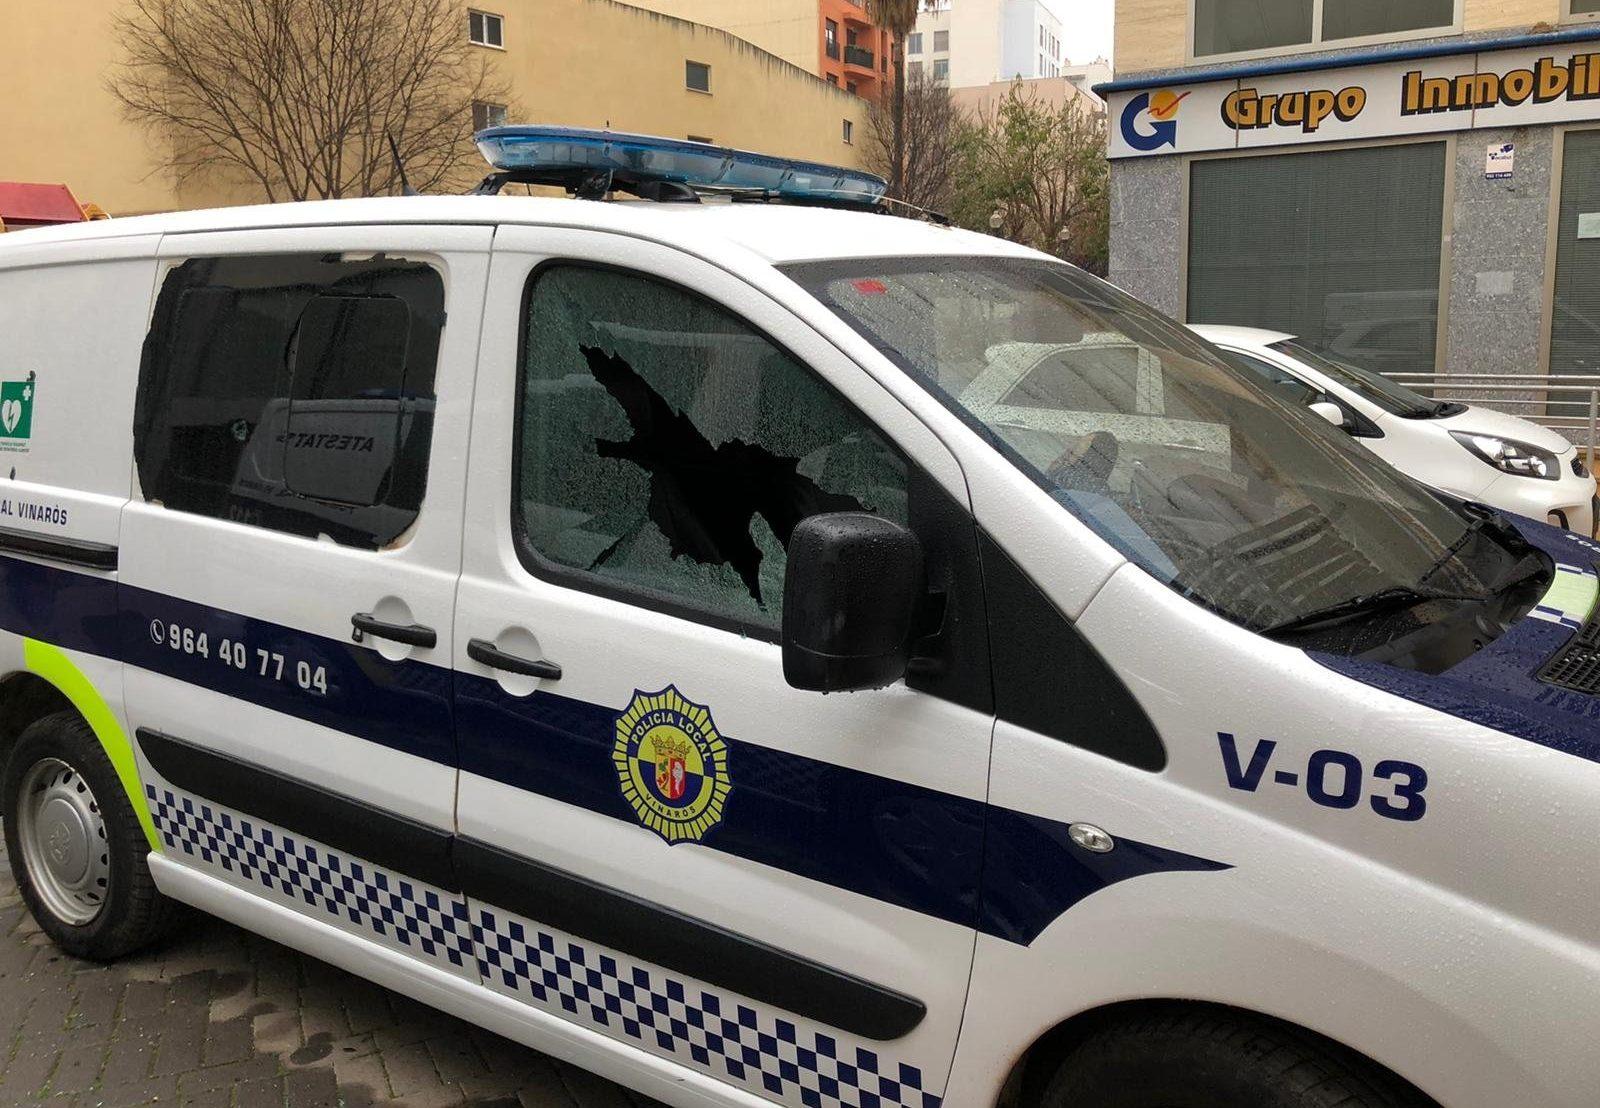 Dos vehicles de la Policia Local de Vinaròs apareixen amb els cristalls trencats